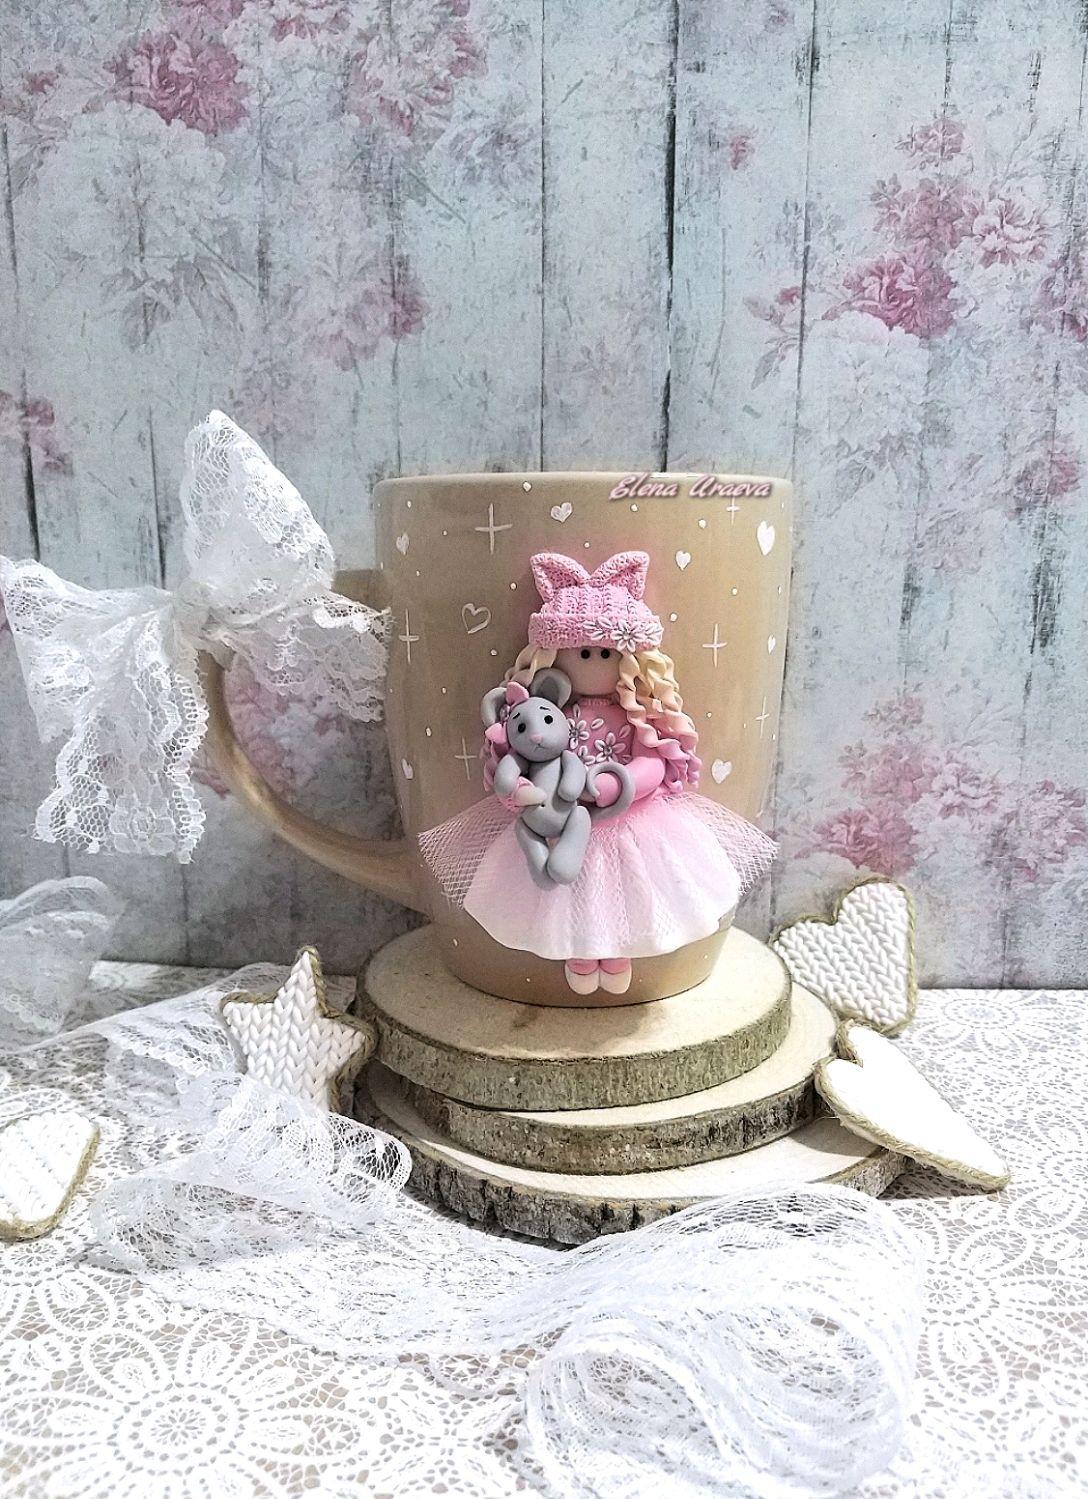 Подарок для девочки Кружка с куколкой и мышкой из полимерной глин, Кружки и чашки, Рыбинск,  Фото №1